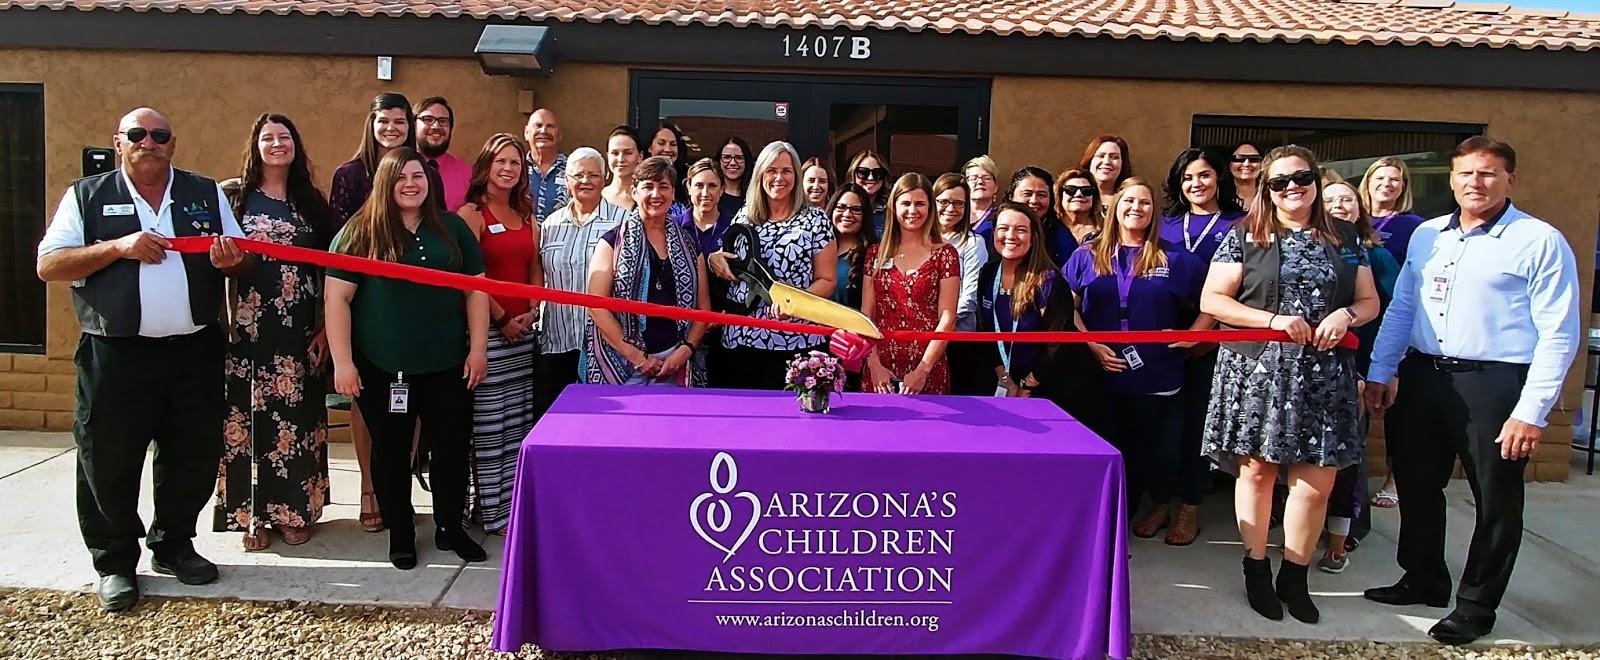 Arizonas Children Association Picture